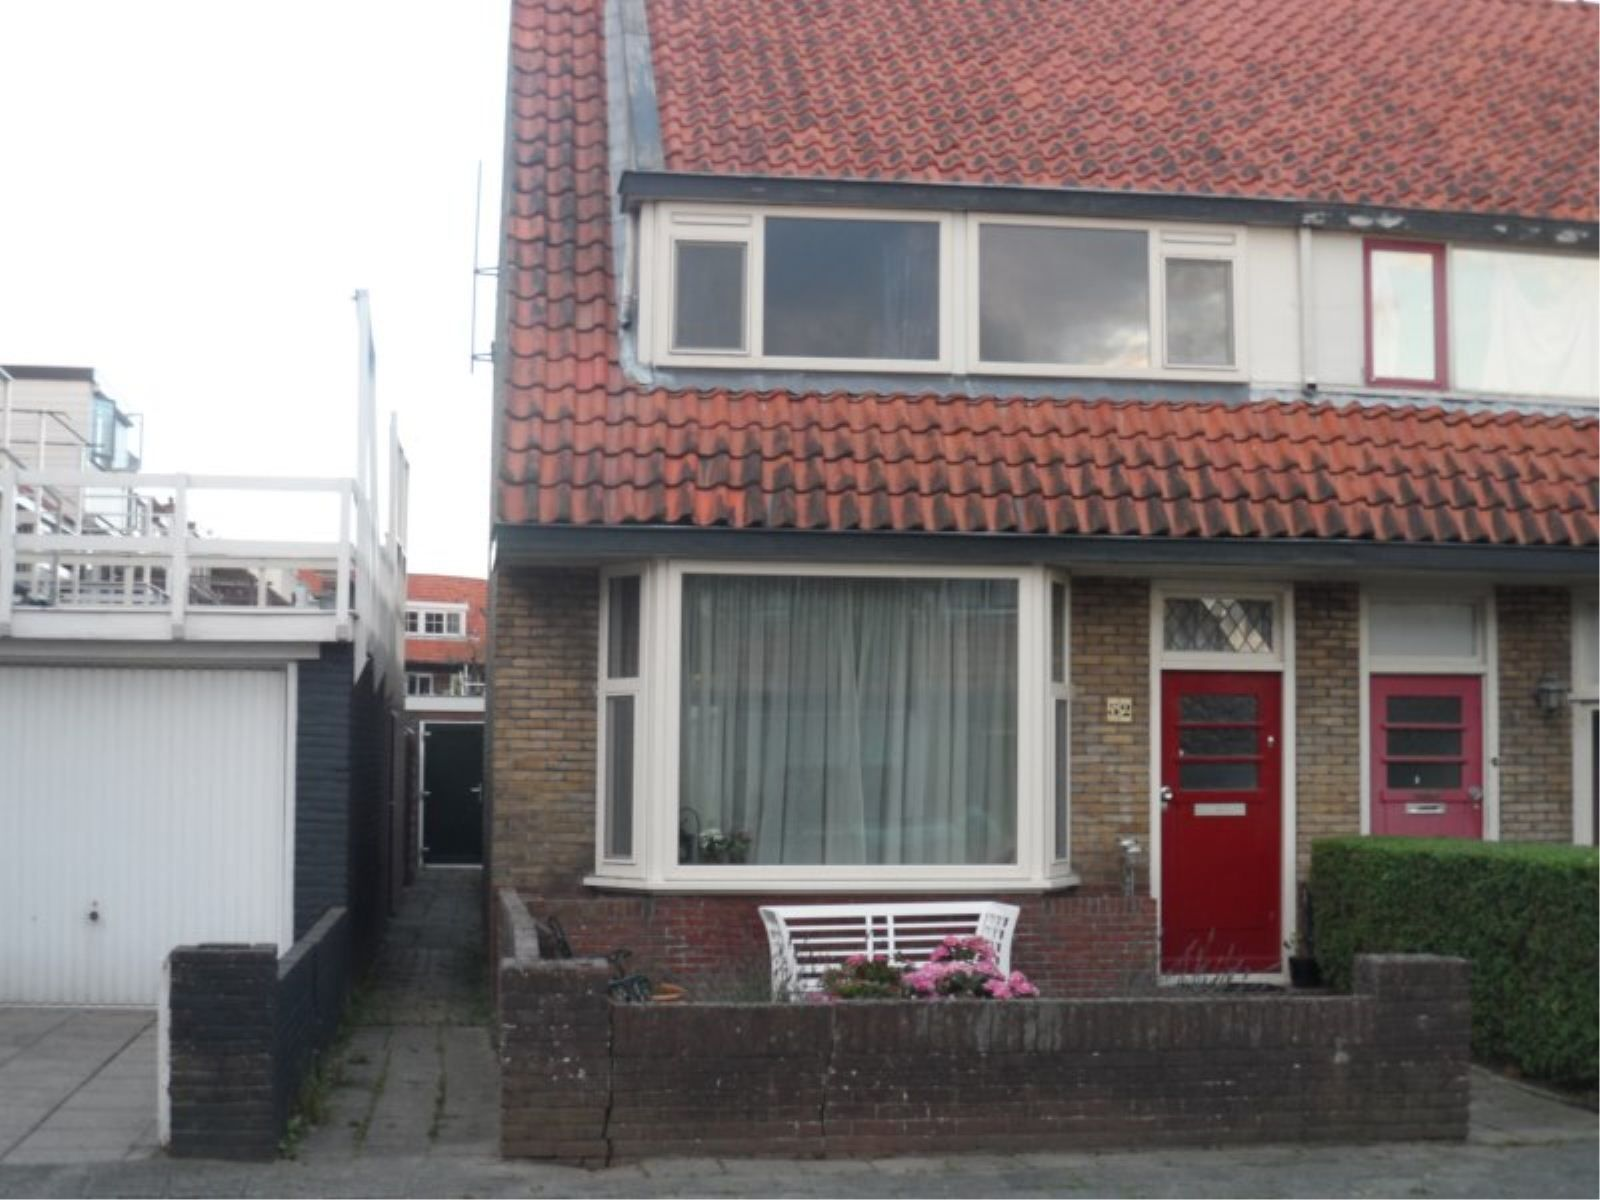 Meidoornstraat 52, Leeuwarden